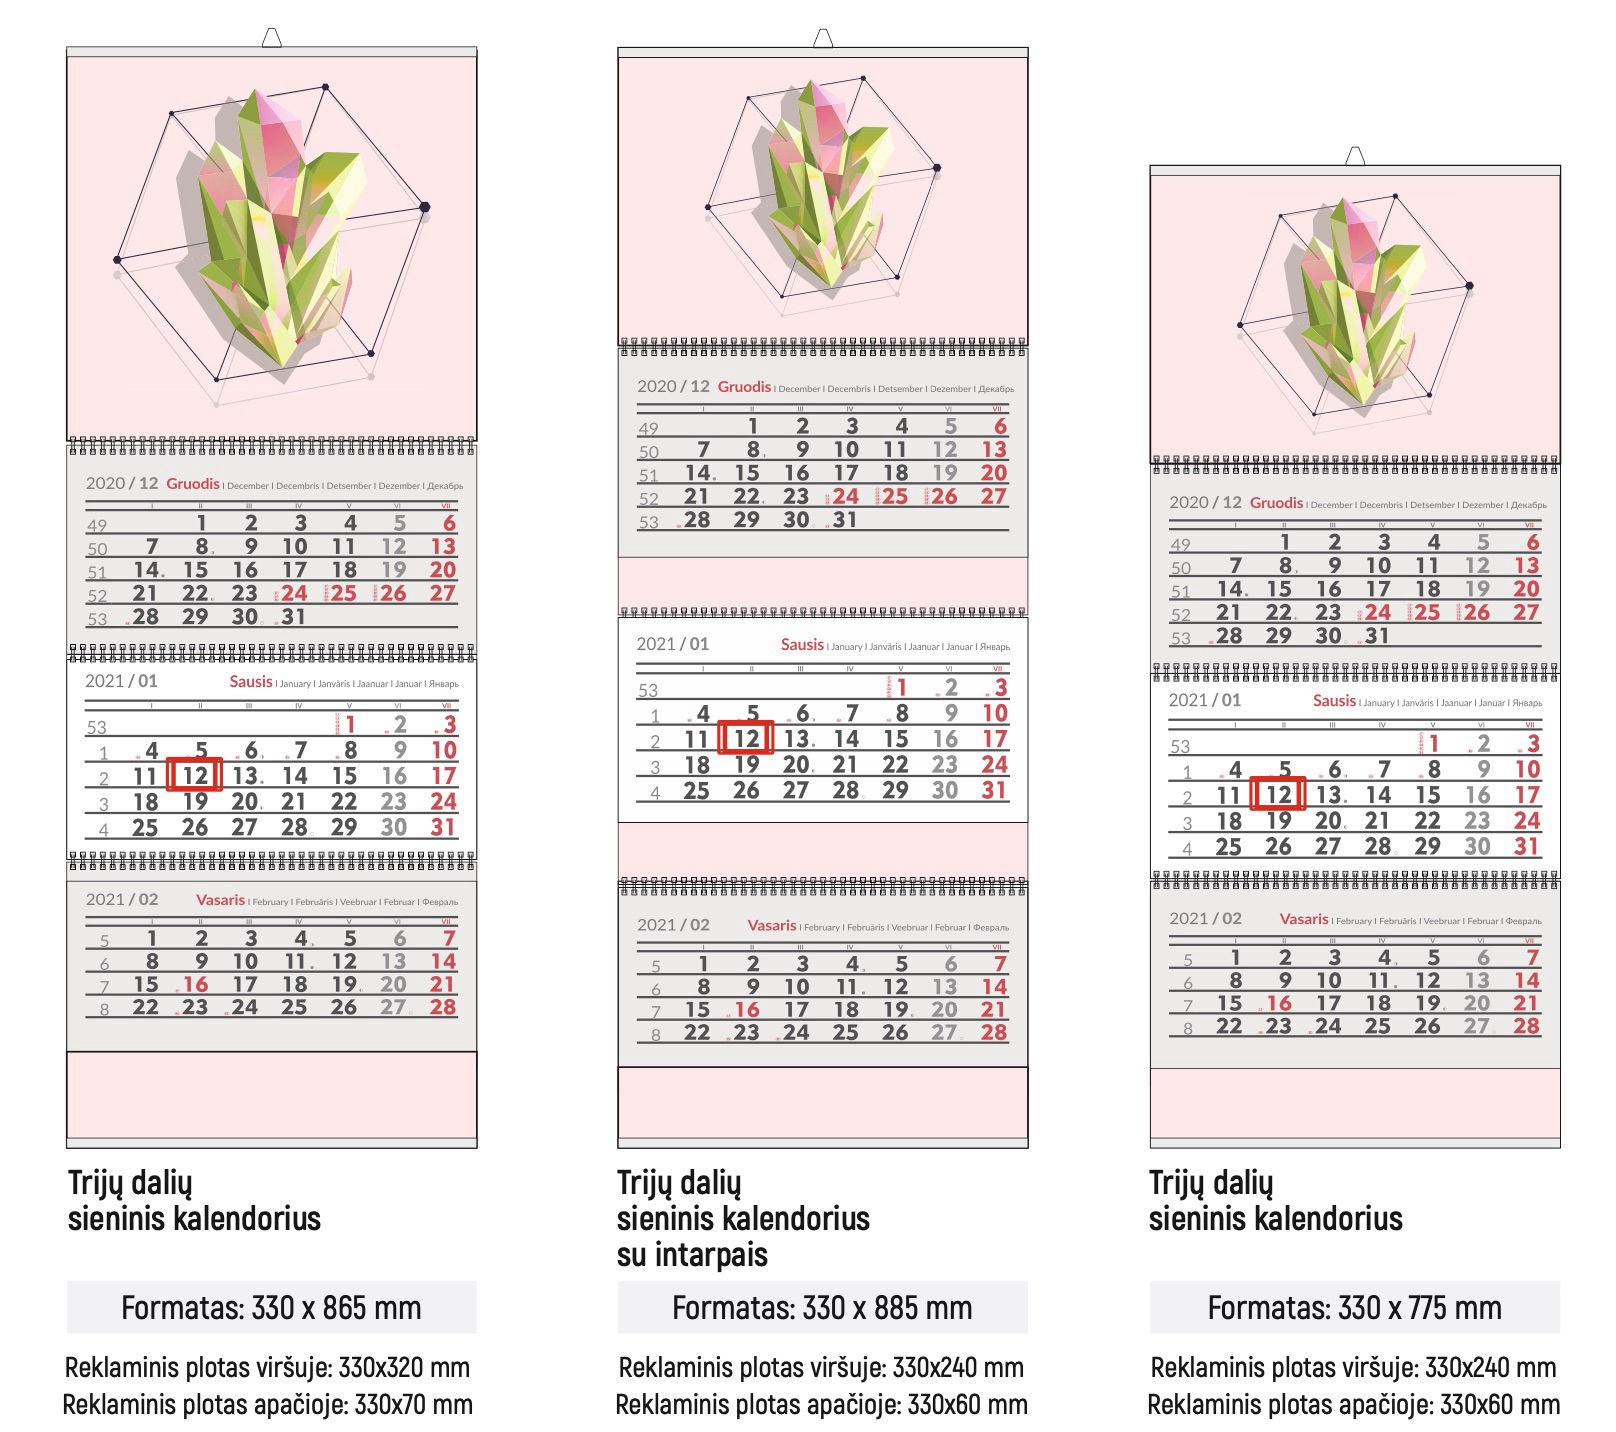 Sieniniai trijų dalių kalendoriai